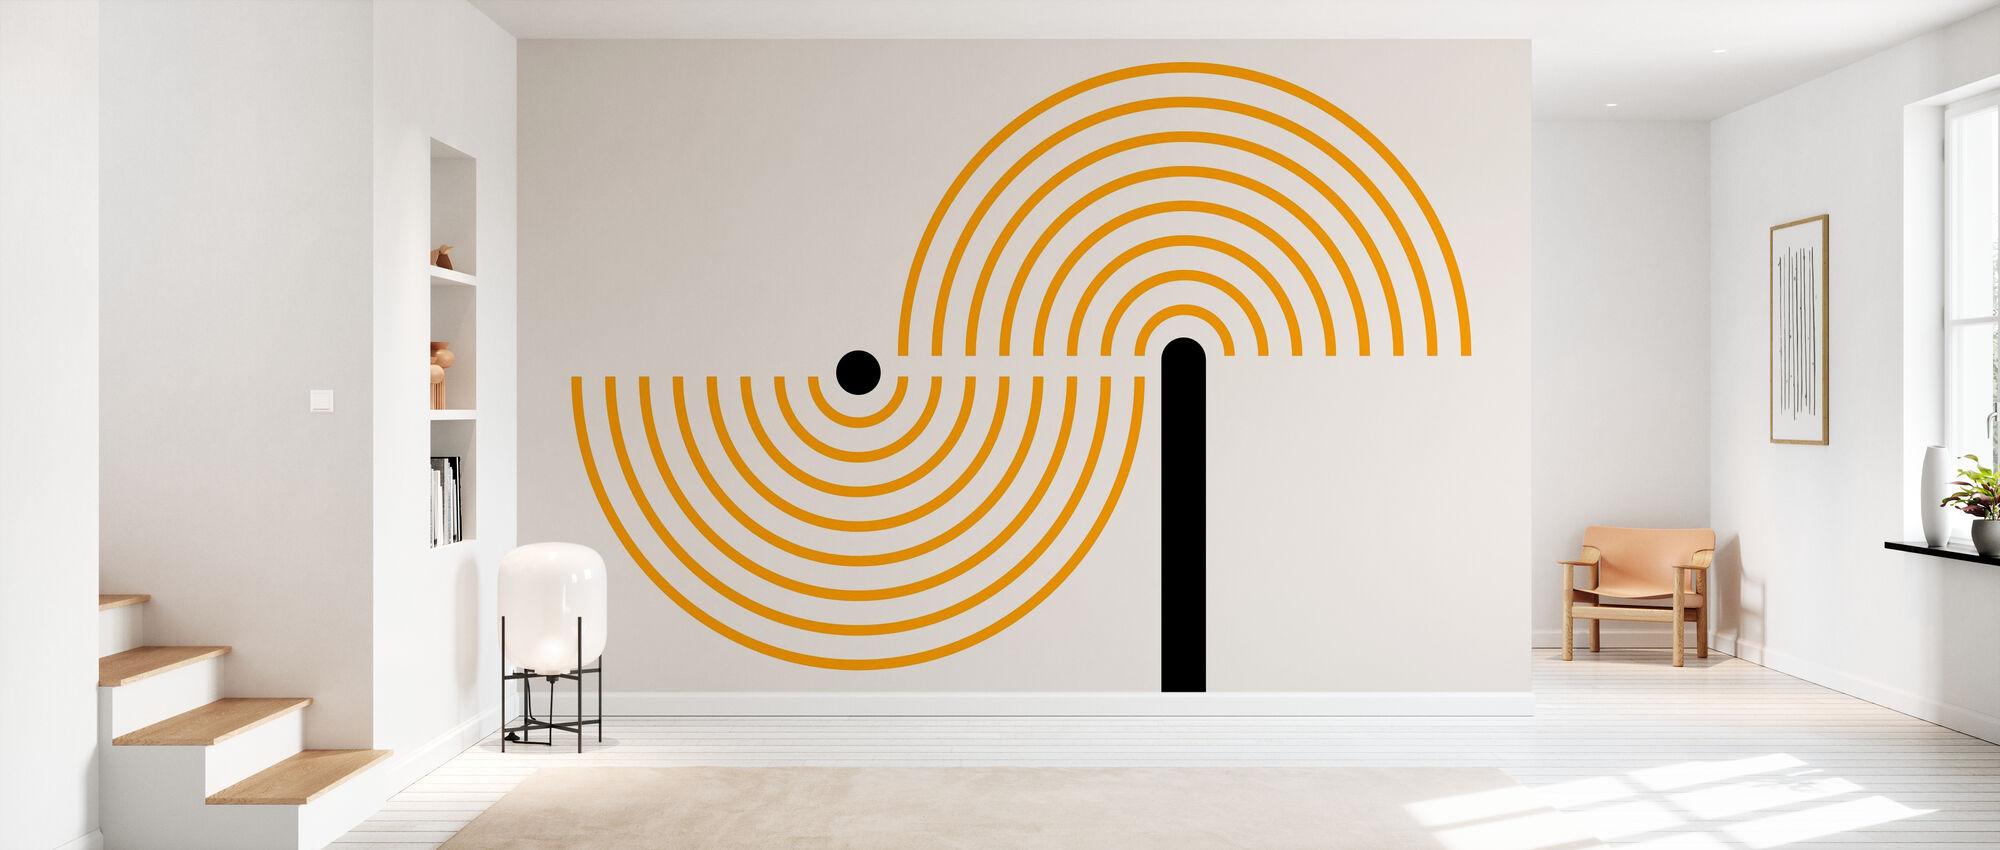 Career - Wallpaper - Hallway